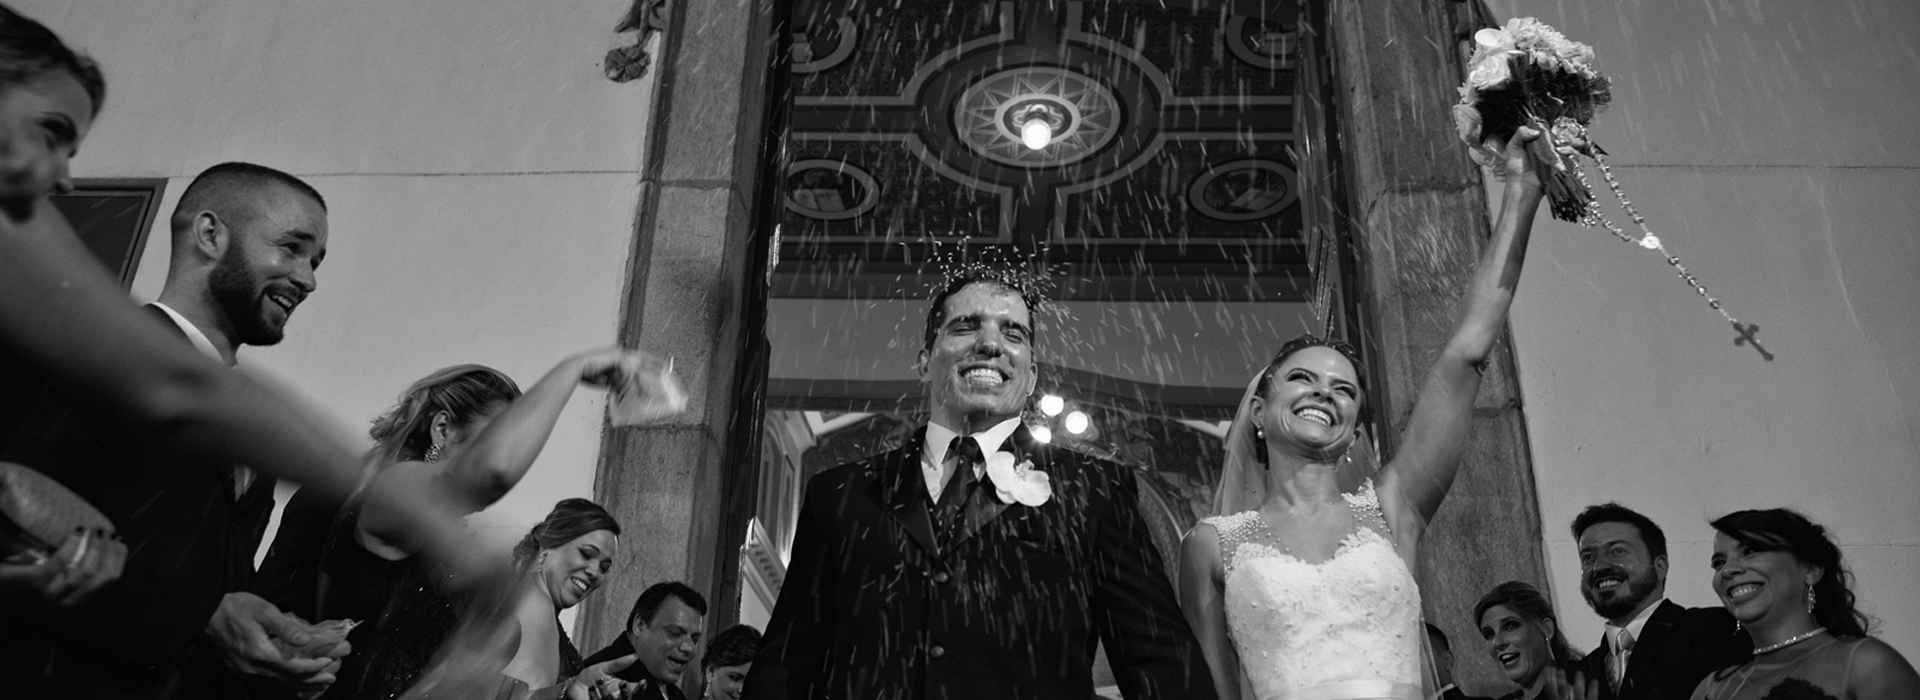 Casamento de Renata & Renato em N.S. Desterro - Bistrô 160 - Rio de Janeiro - RJ